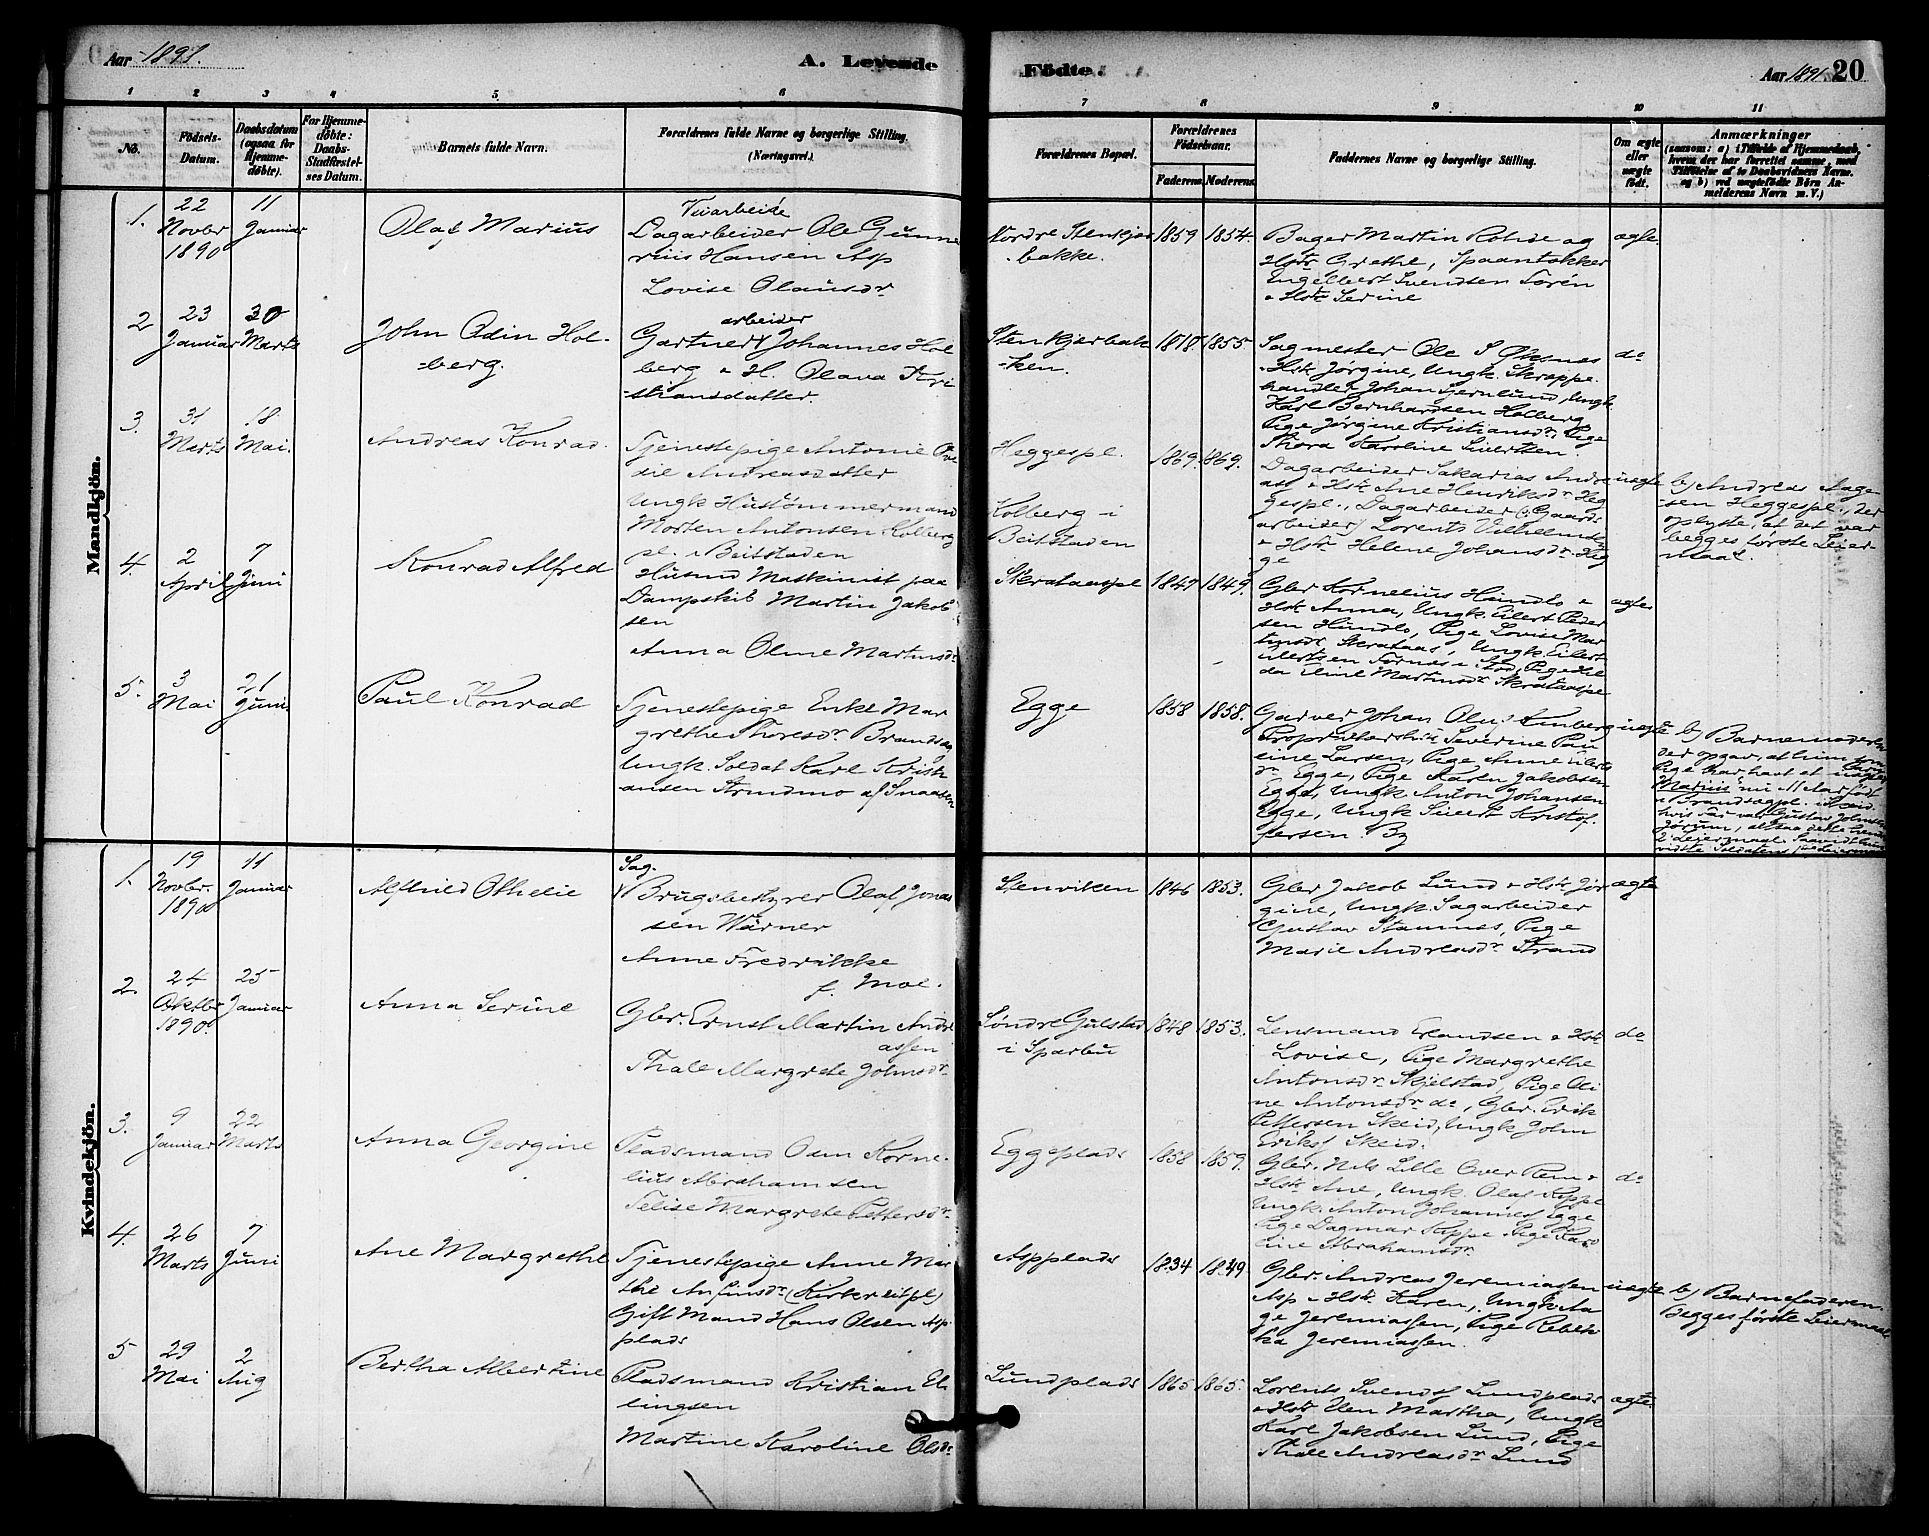 SAT, Ministerialprotokoller, klokkerbøker og fødselsregistre - Nord-Trøndelag, 740/L0378: Ministerialbok nr. 740A01, 1881-1895, s. 20